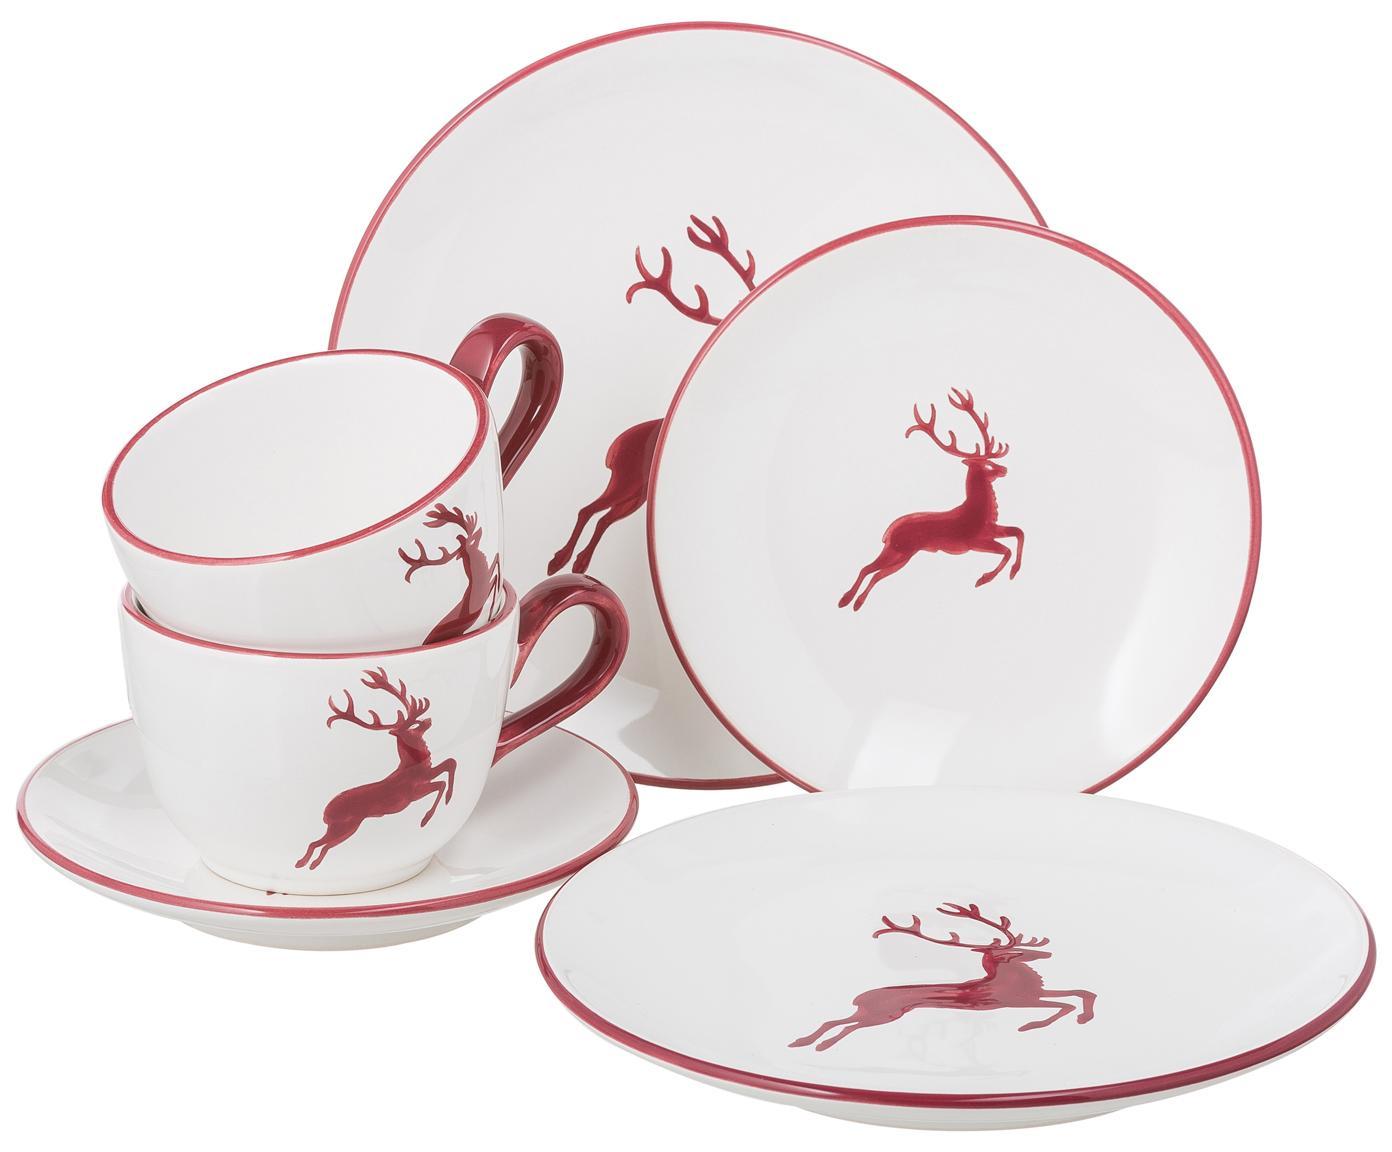 Ręcznie malowany serwis do kawy Classic Roter Hirsch, 6 elem., Ceramika, Bordowy, biały, Różne rozmiary